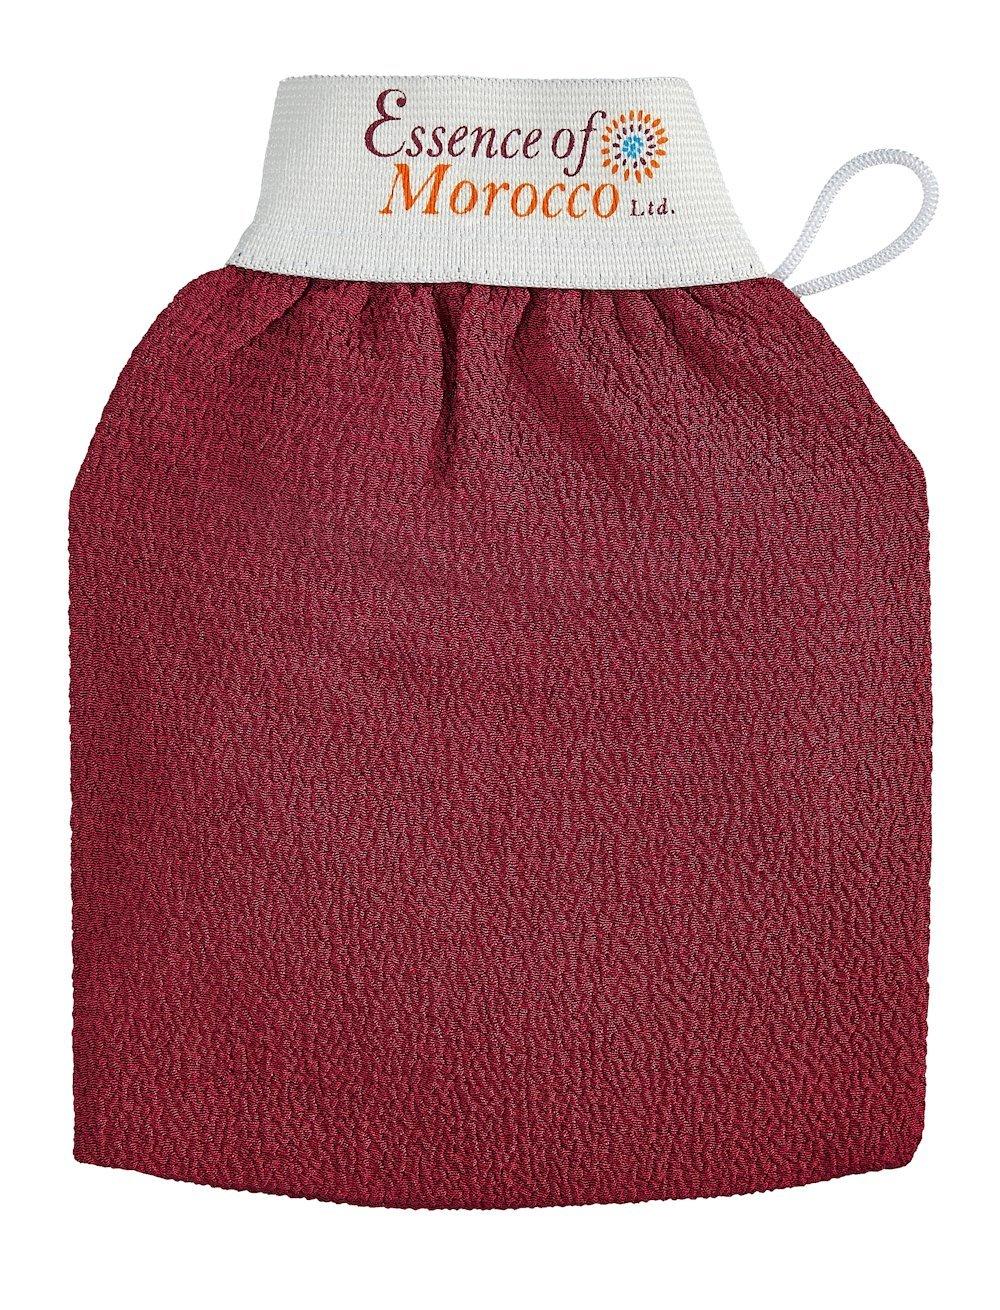 Marokkanischer Kessa-Handschuh, traditionell für Hammam-Baderitual verwendet, beseitigt abgestorbene Hautzellen (Peeling) Premiumqualität. Essence of Morocco Ltd.